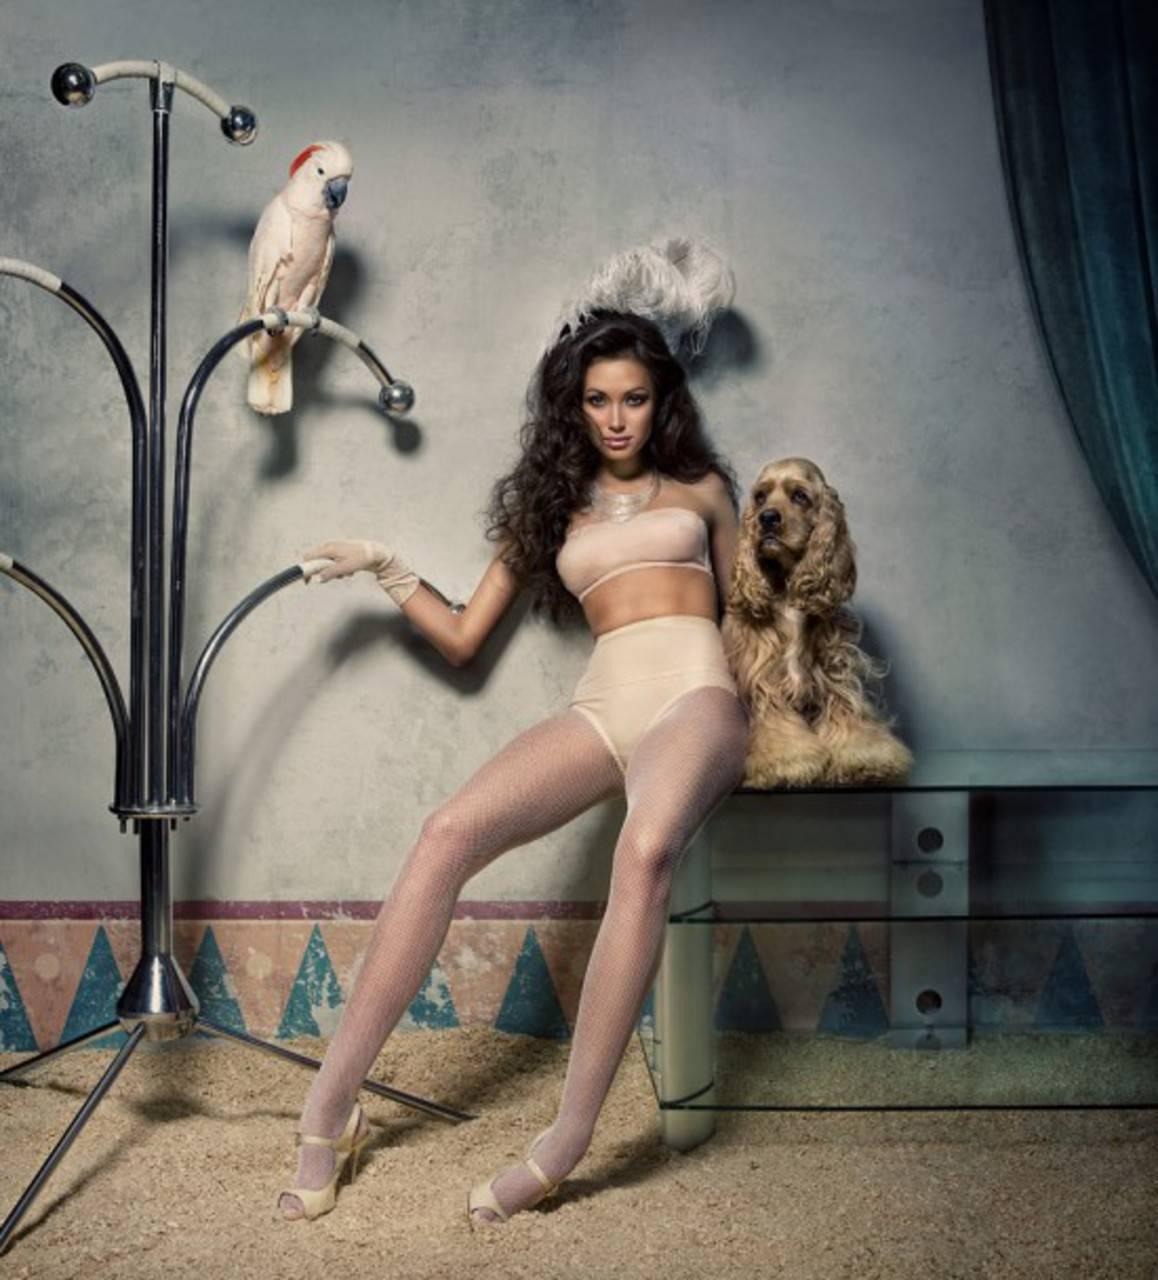 Цирк эротические фото 5 фотография